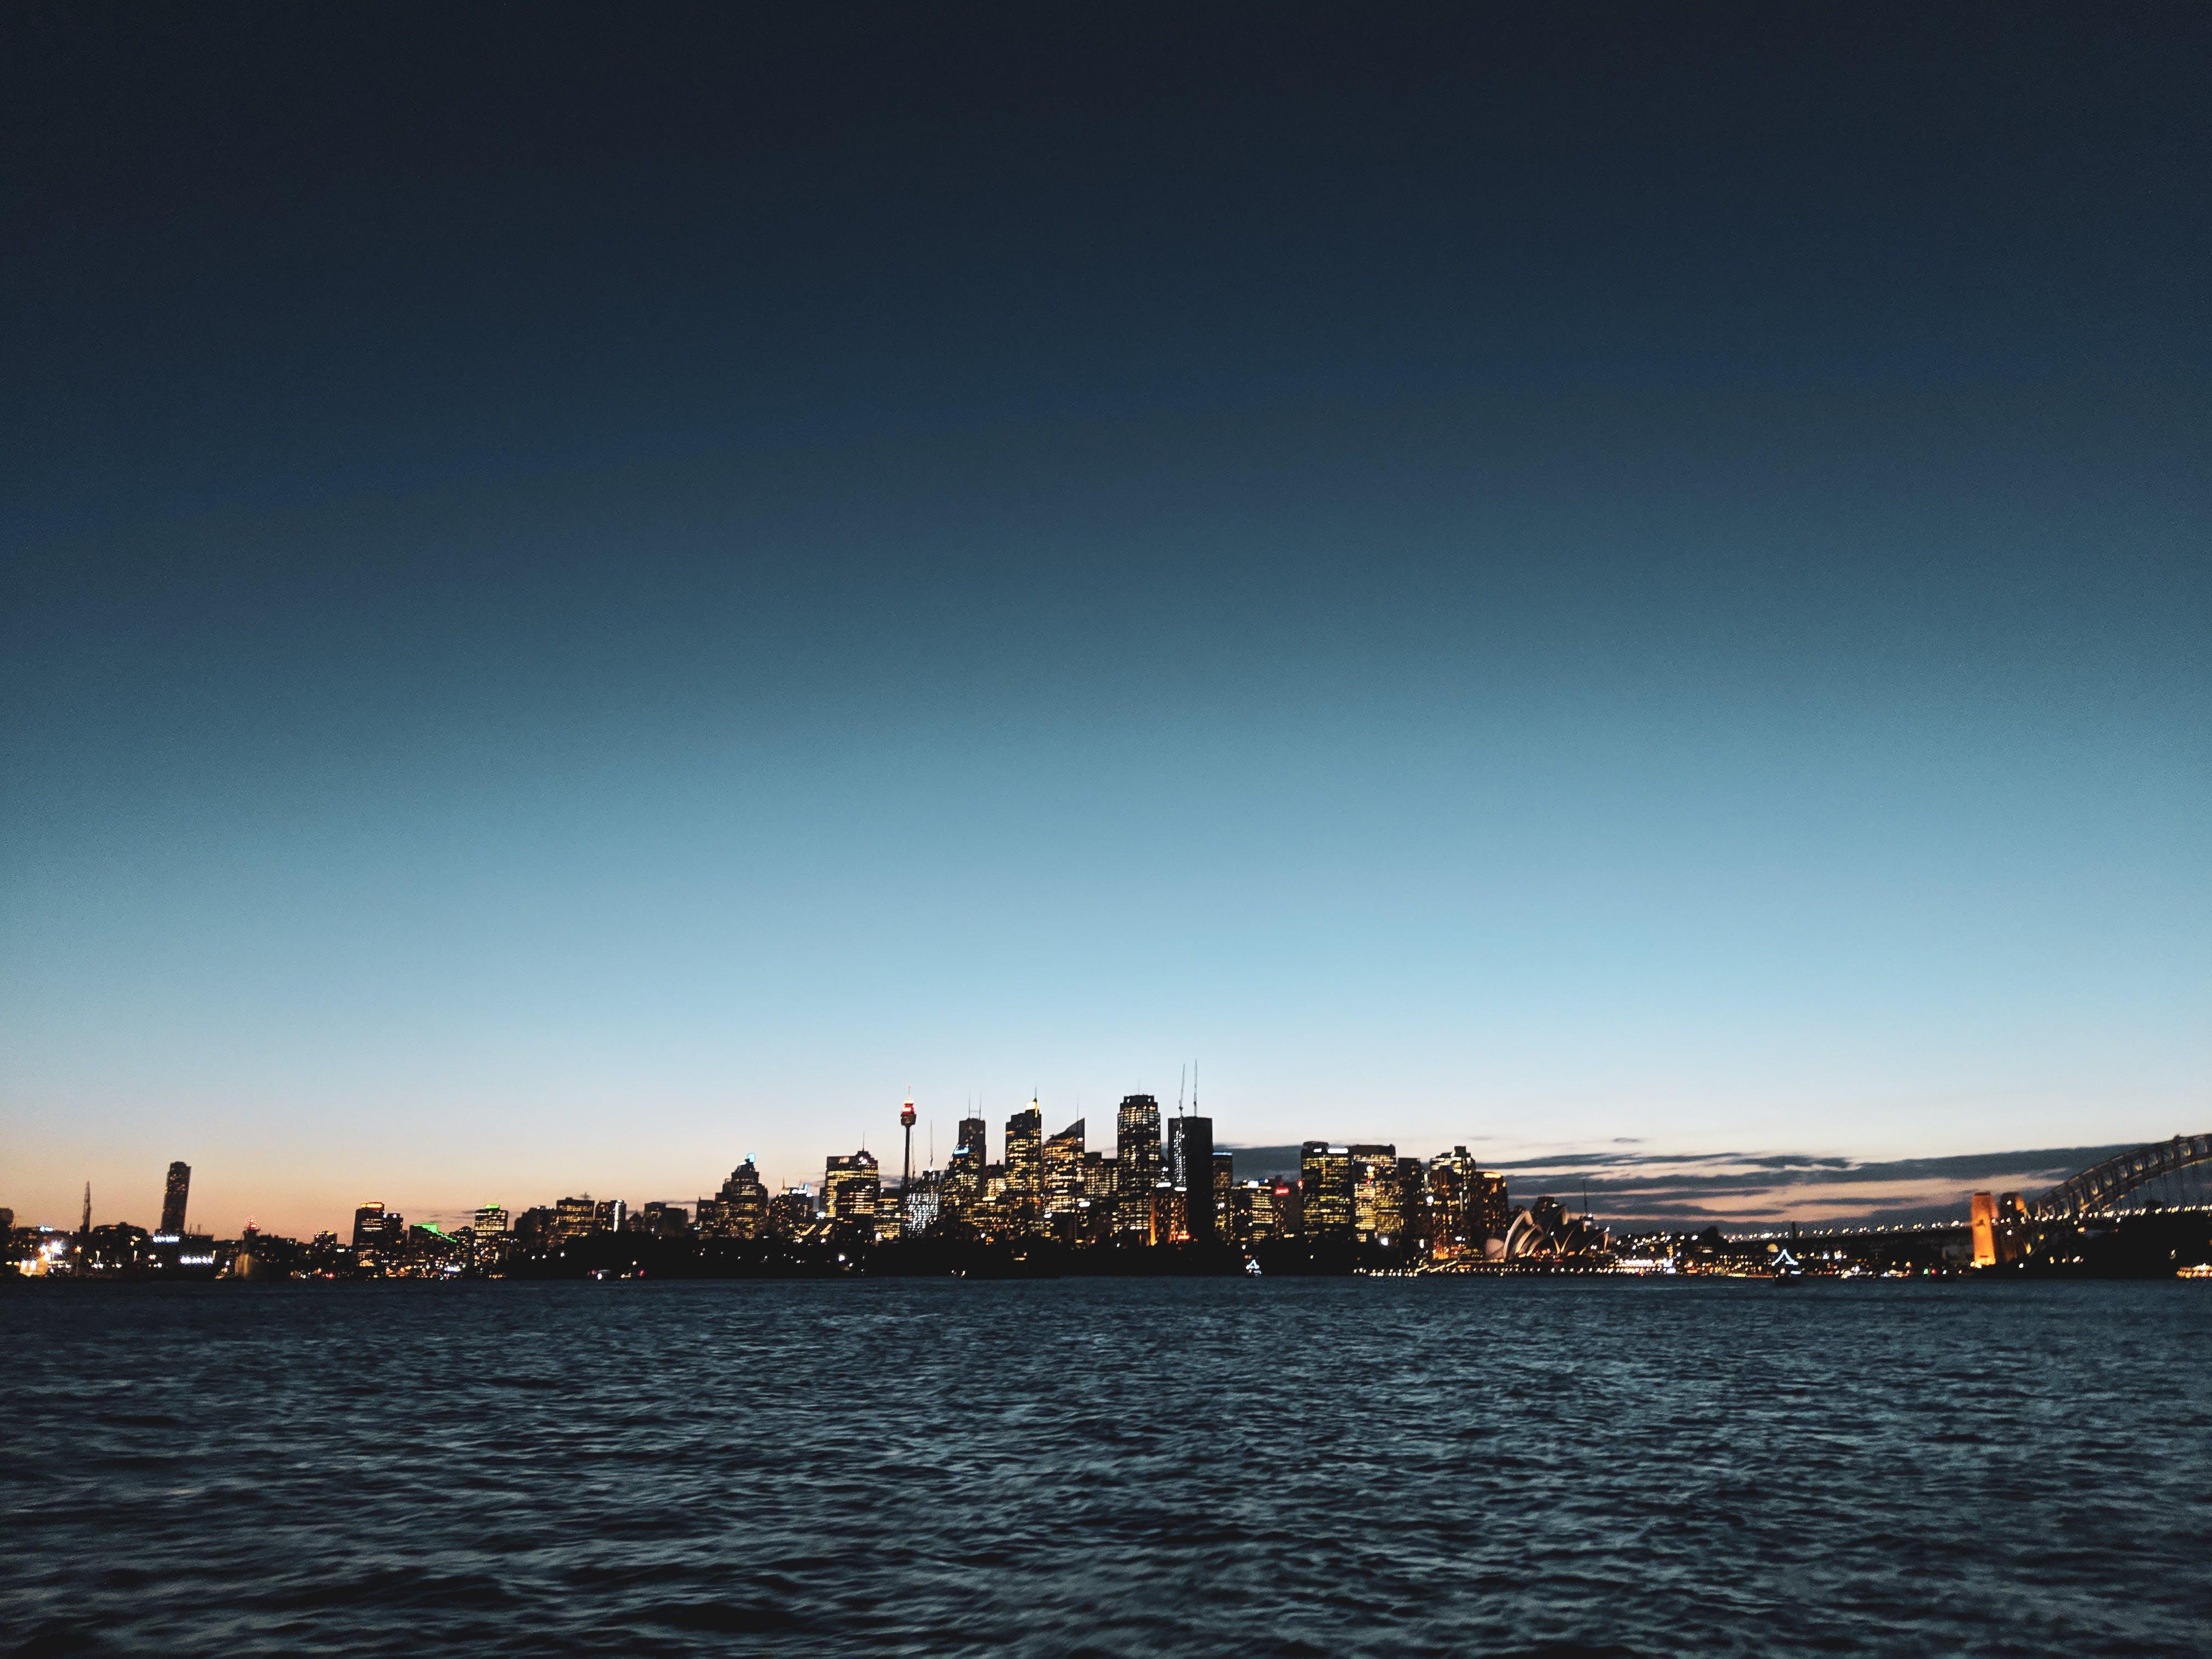 Overlooking Cityscape